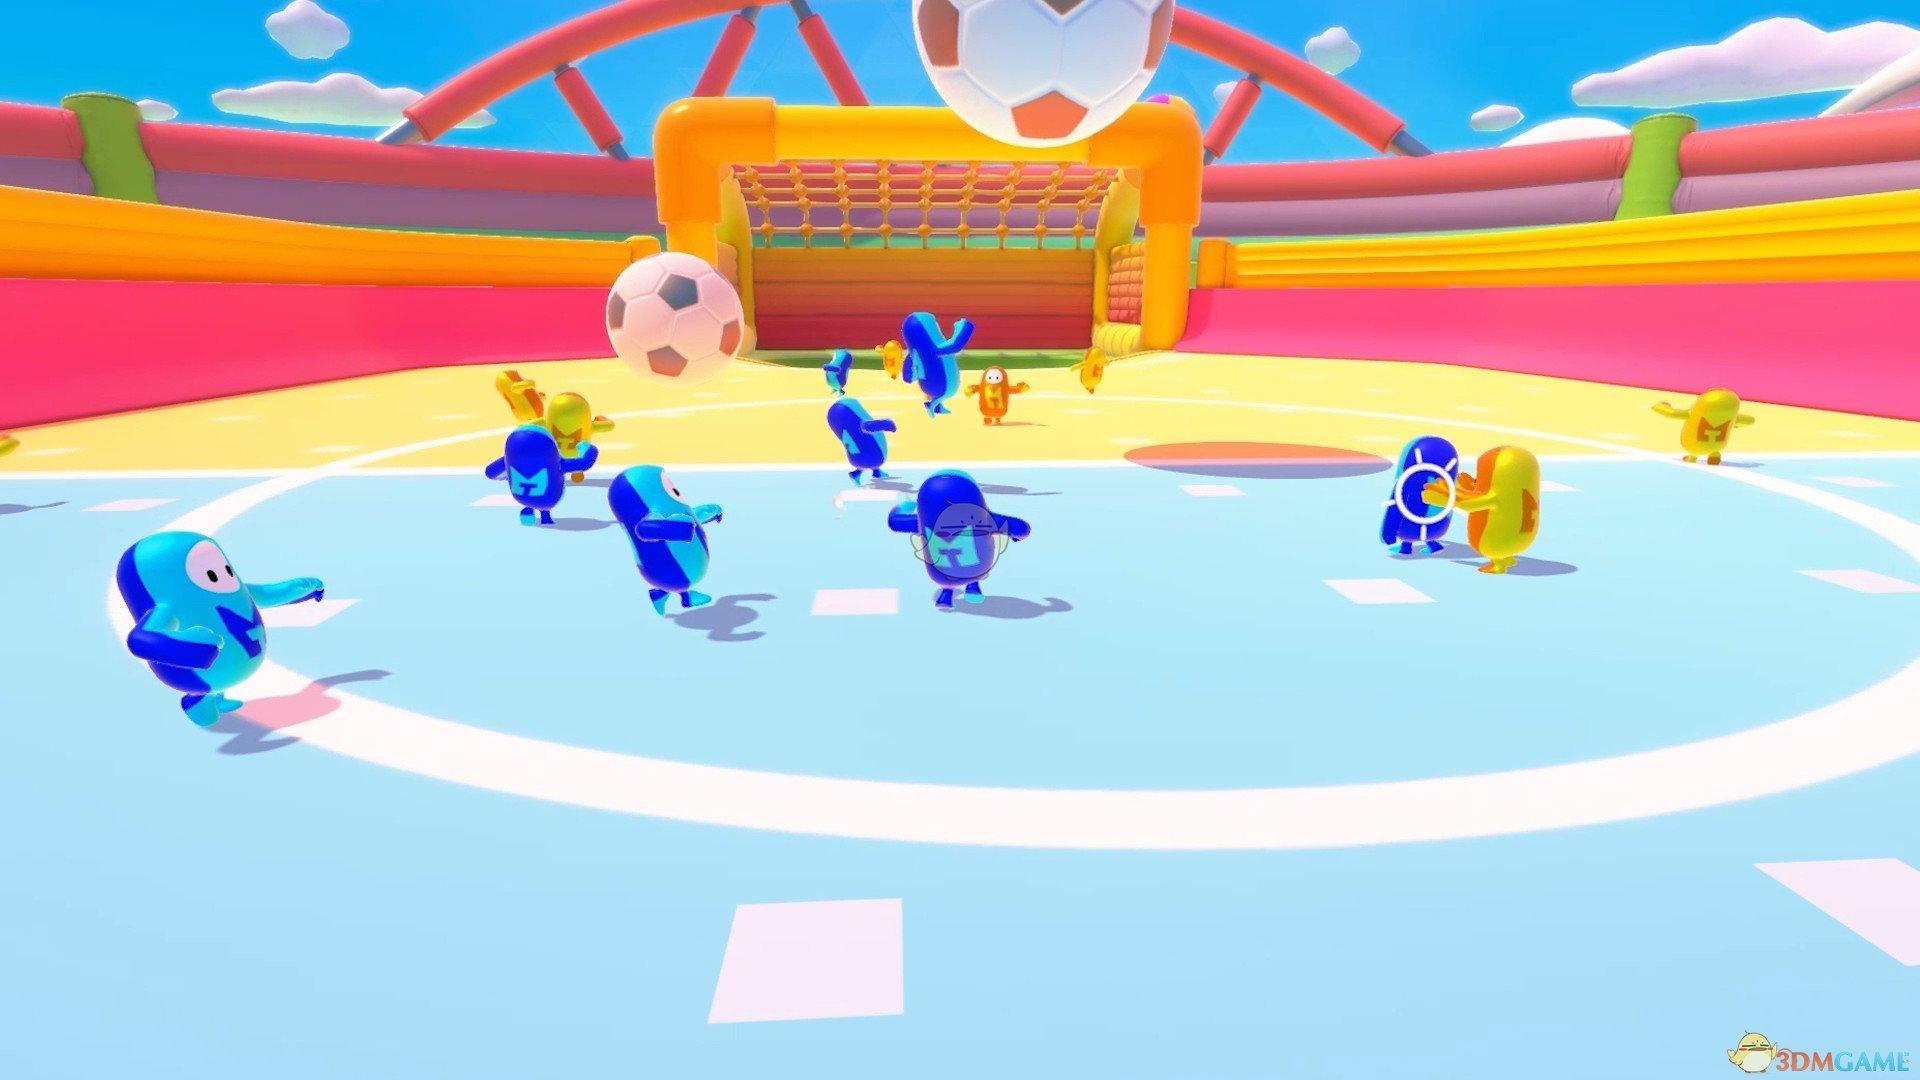 《糖豆人:终极淘汰赛》碰到皇冠不吃鸡解决方法